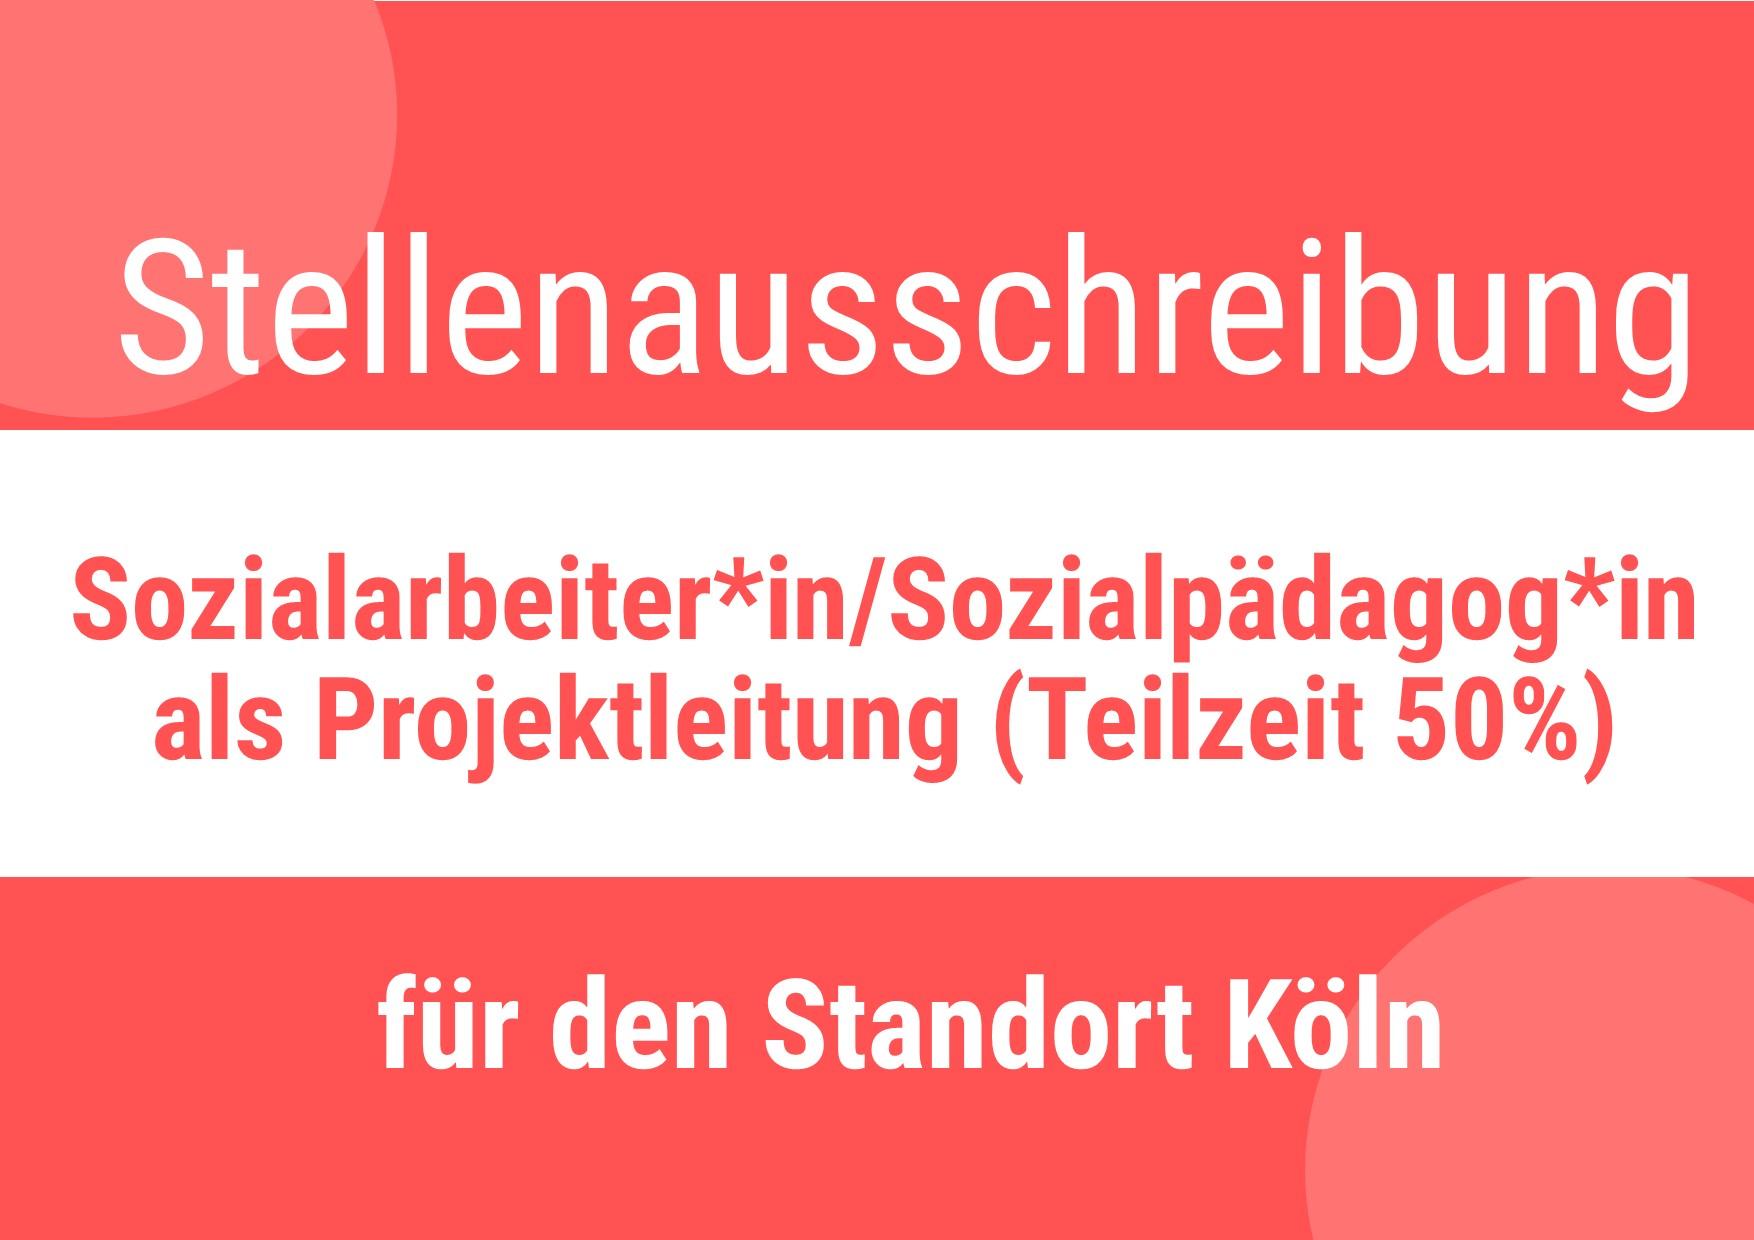 Sozialarbeiter*in/Sozialpädagog*in als Projektleitung gesucht!